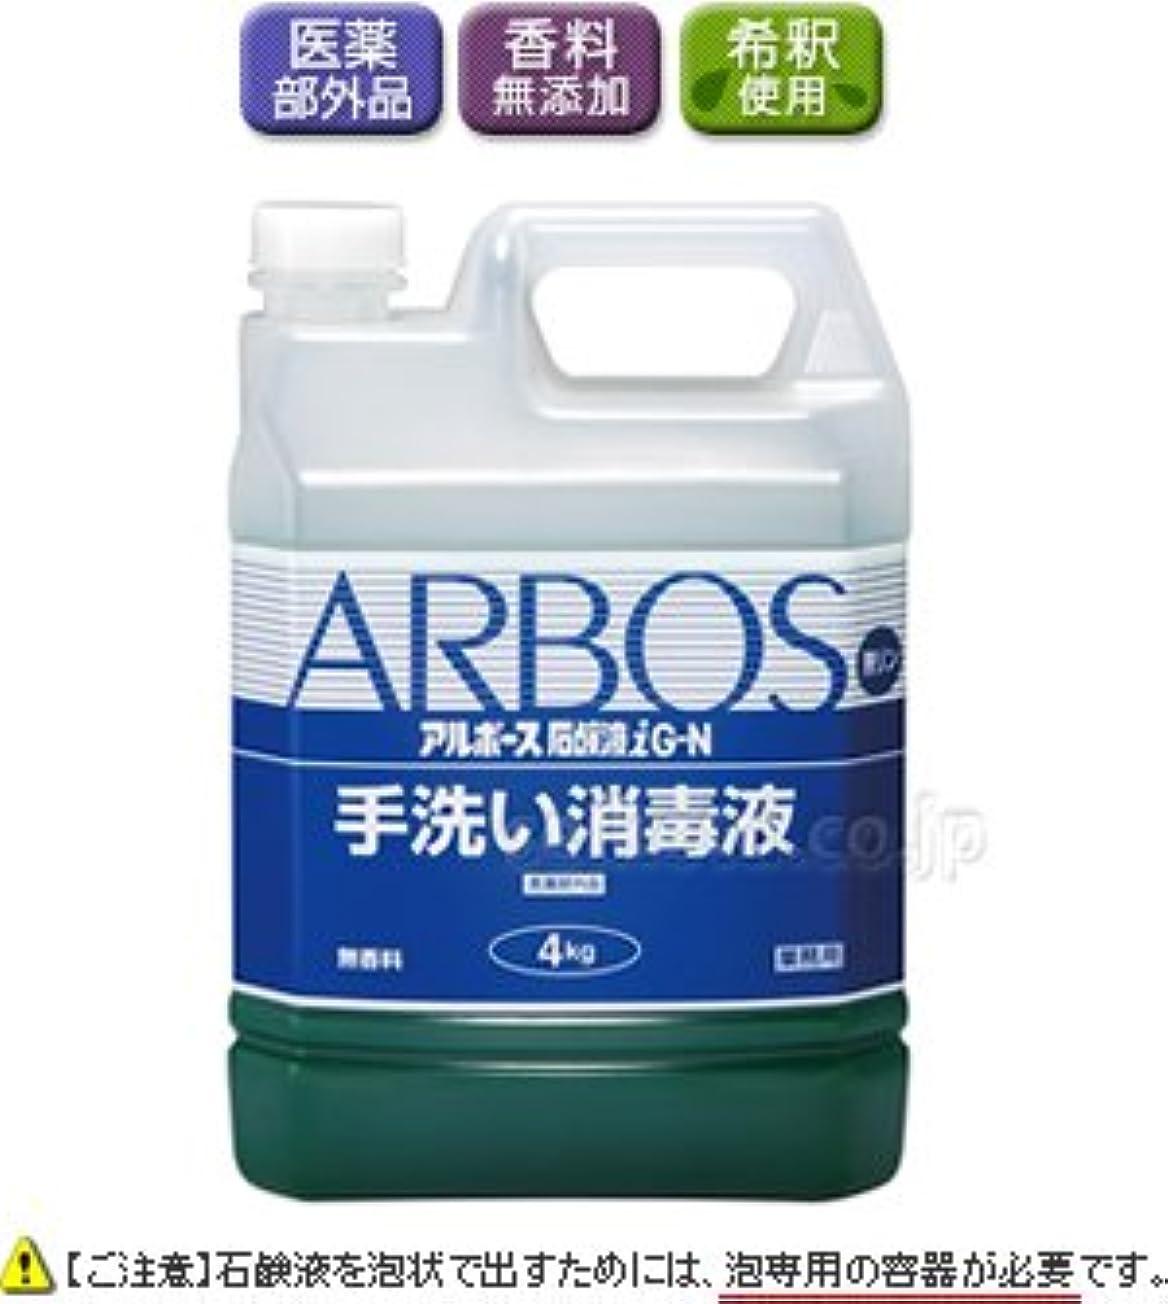 魔法女優不機嫌【清潔キレイ館】アルボース石鹸液iG-N(4kg×1本)